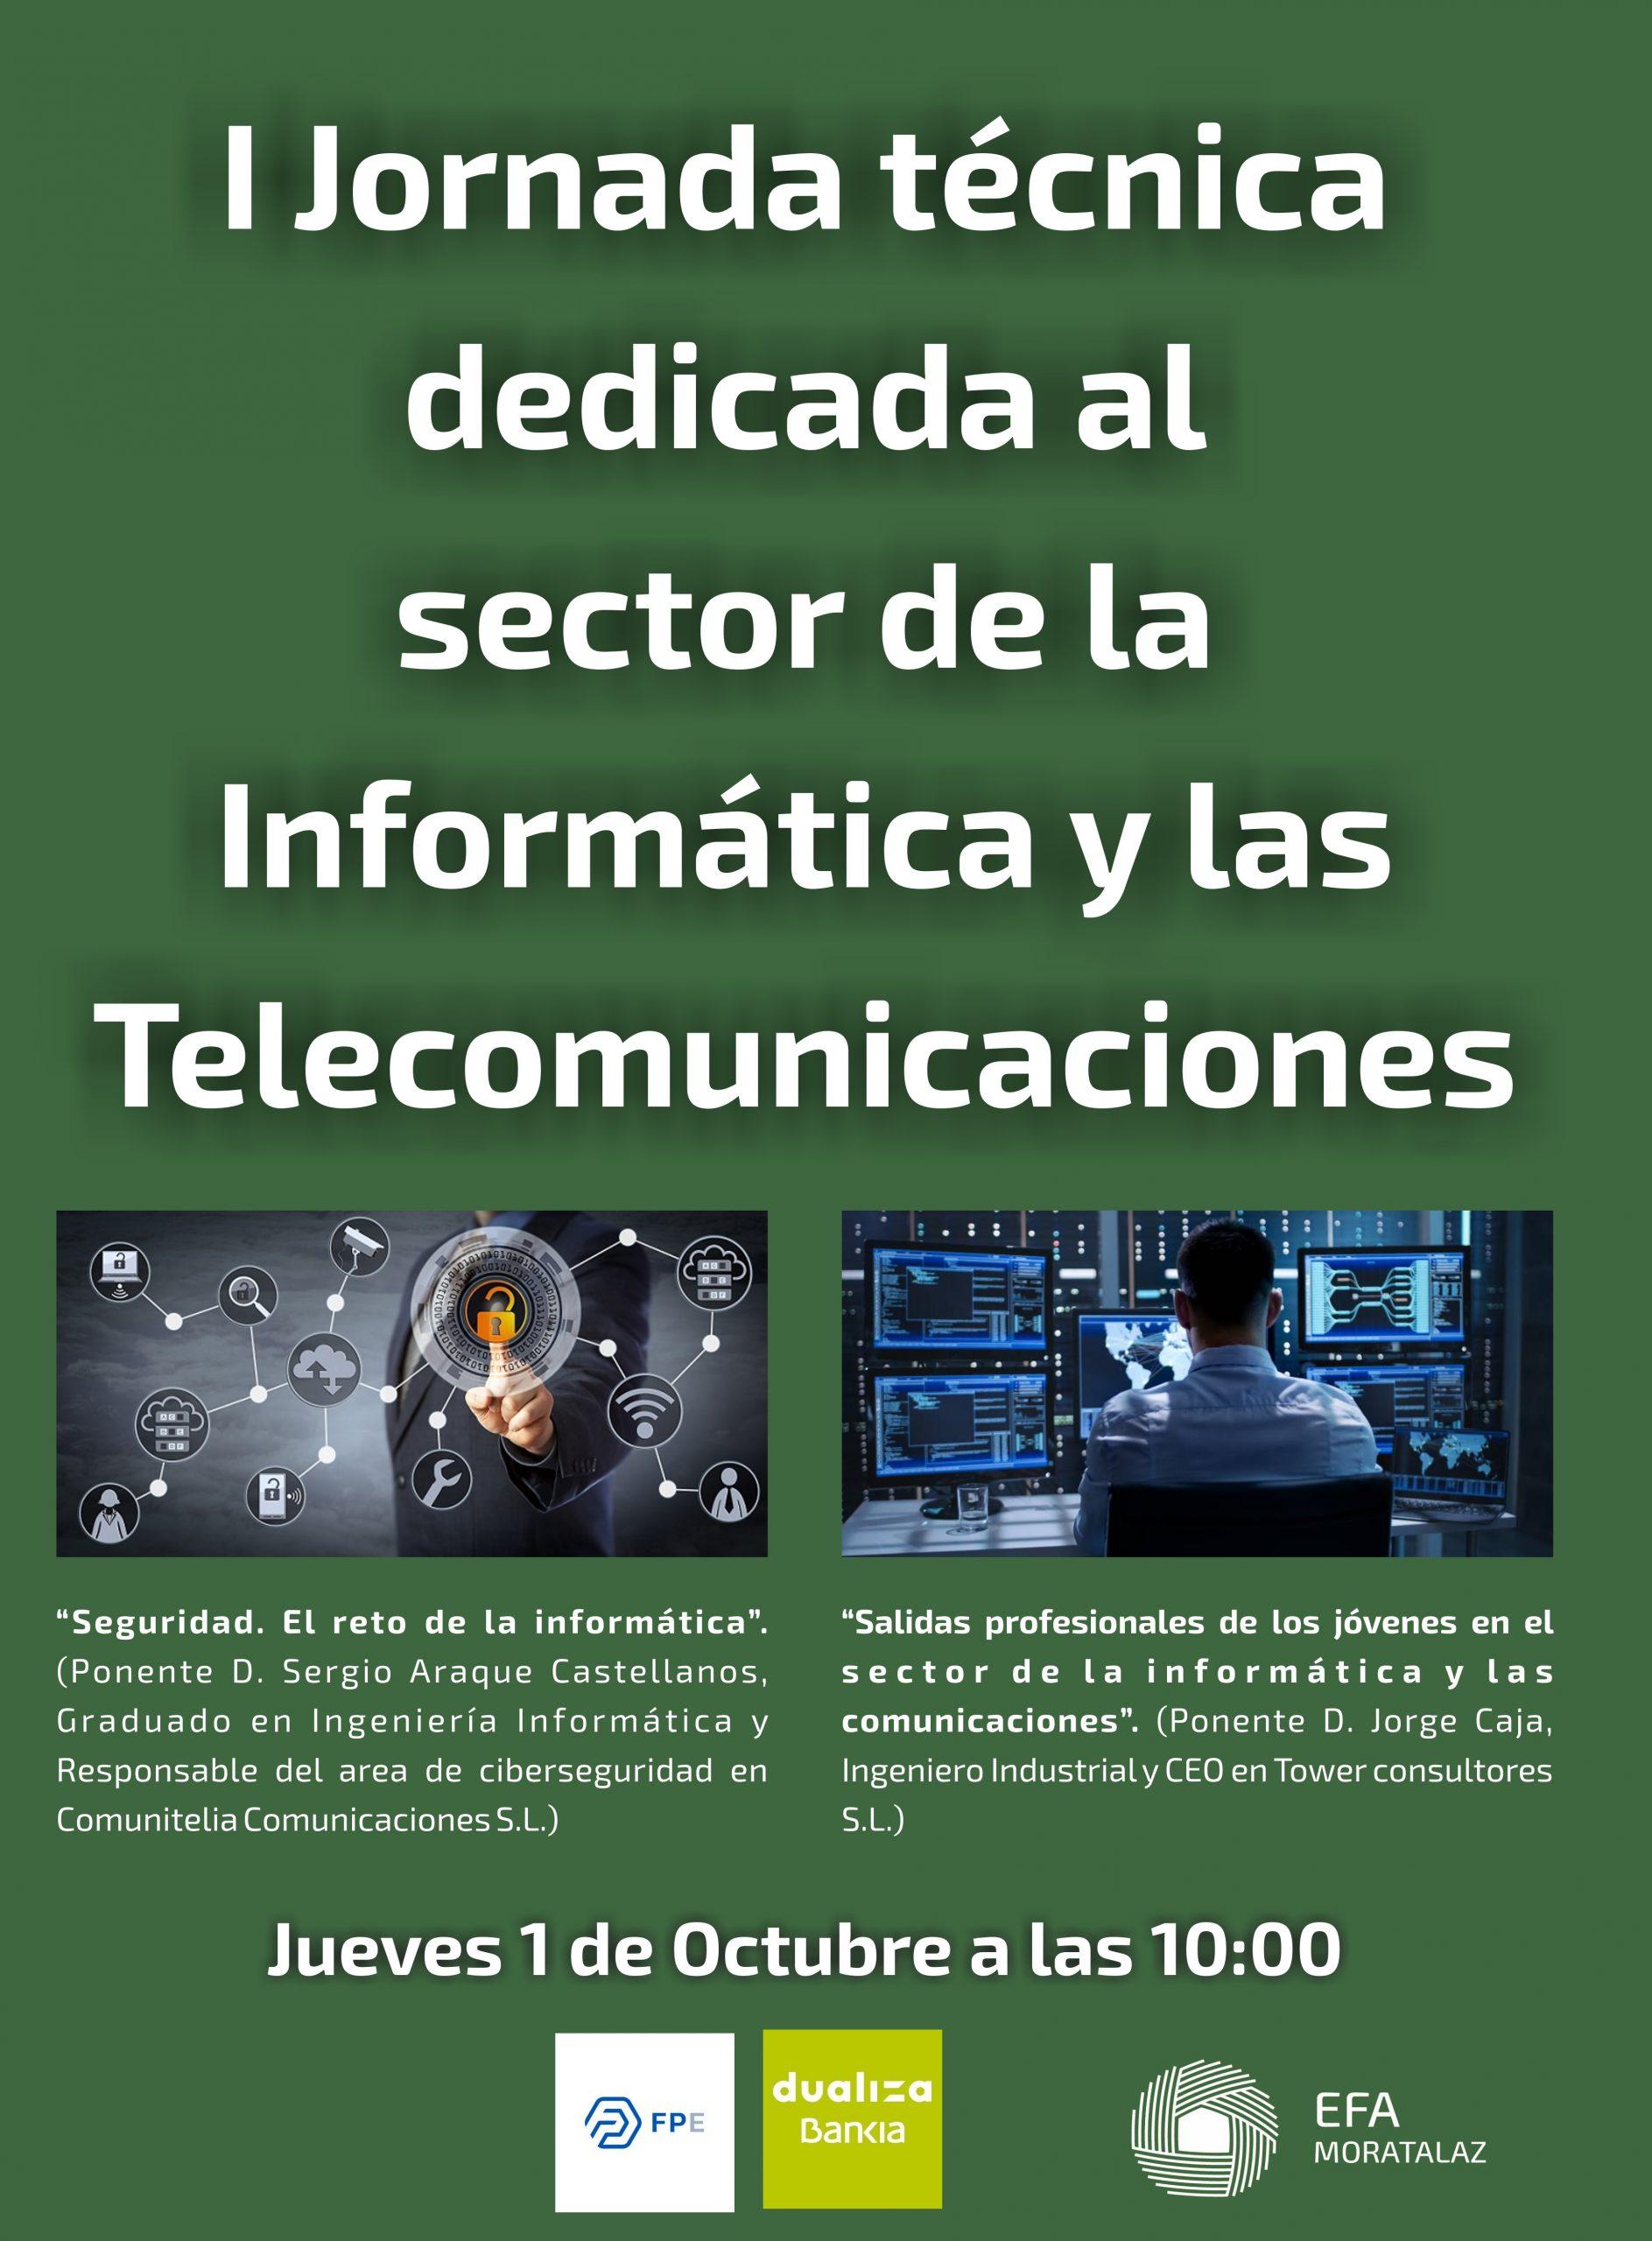 I Jornada Técnica dedicada al sector de la Informática y las Telecomunicaciones